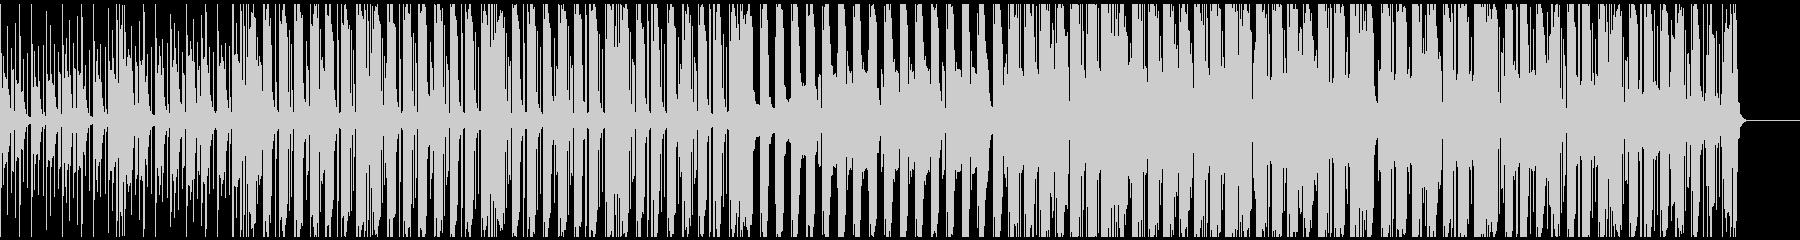 独特な雰囲気のトラップ(インスト)の未再生の波形